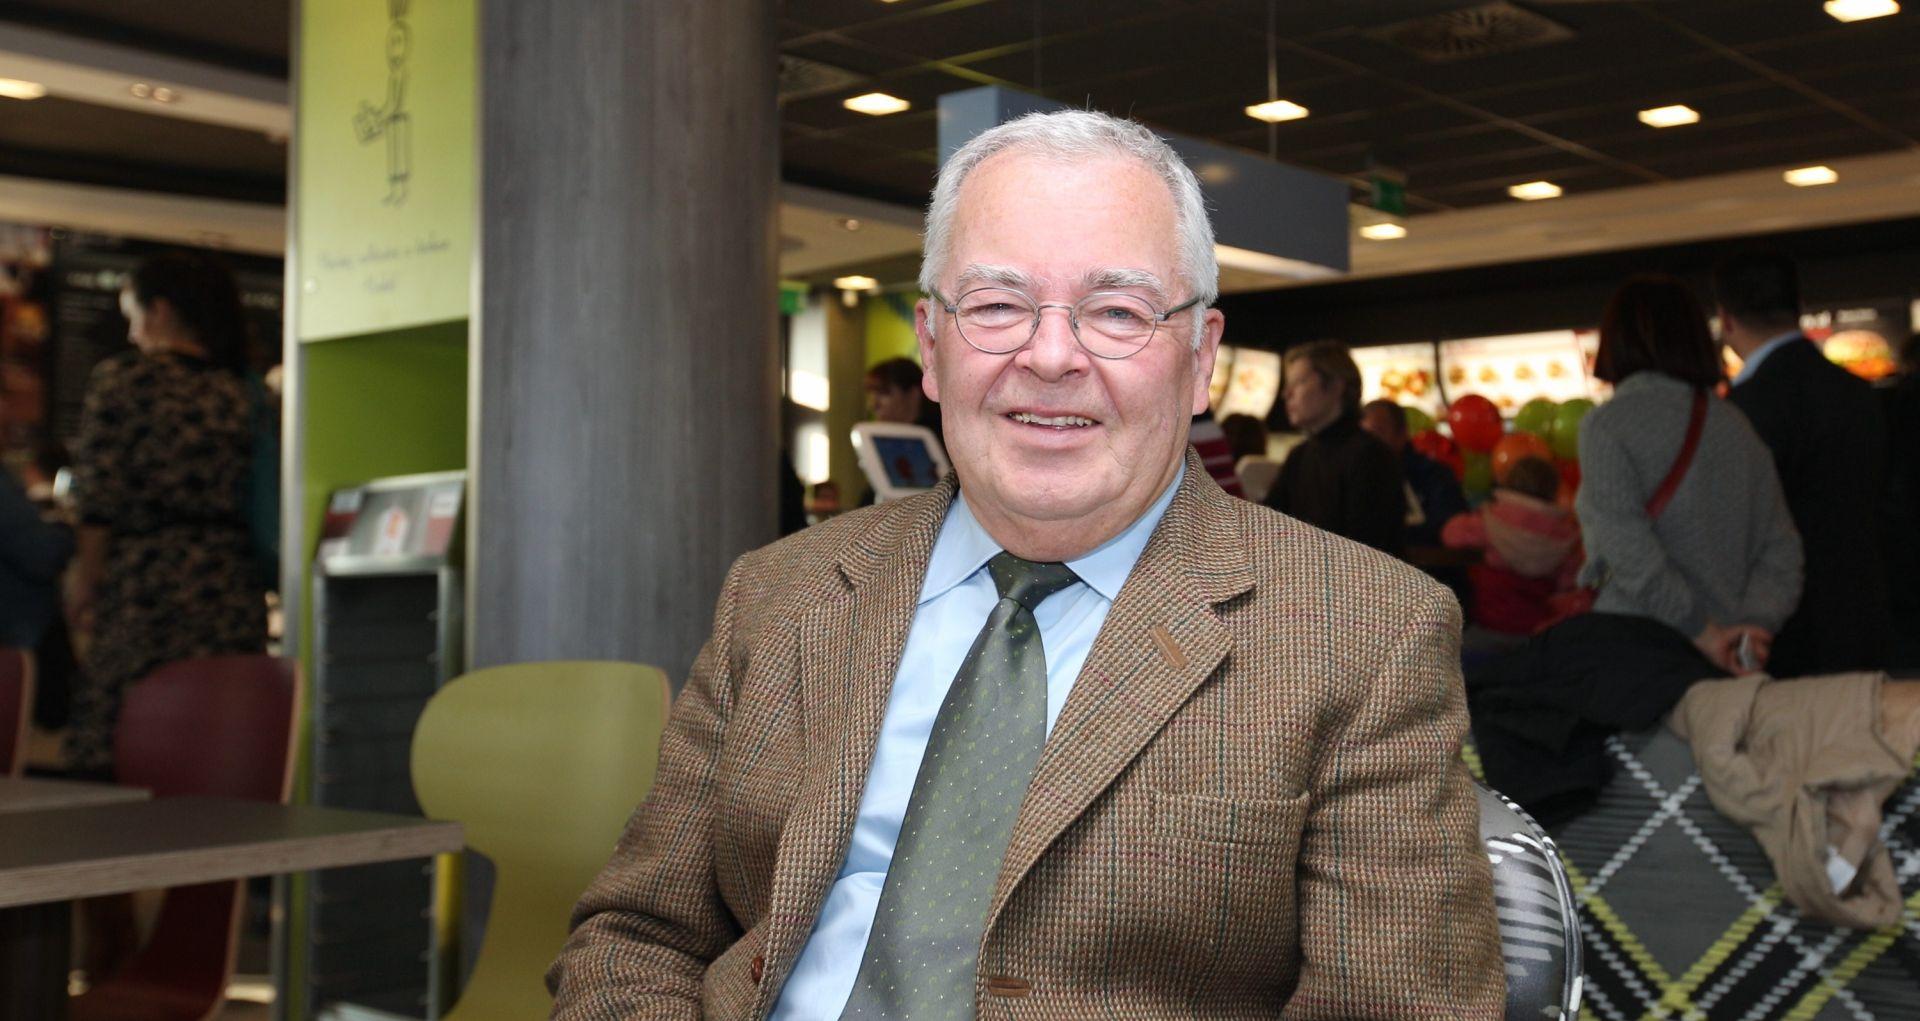 Gavrilović odbacuje optužbe: Riječ je o pritisku na arbitražni postupak